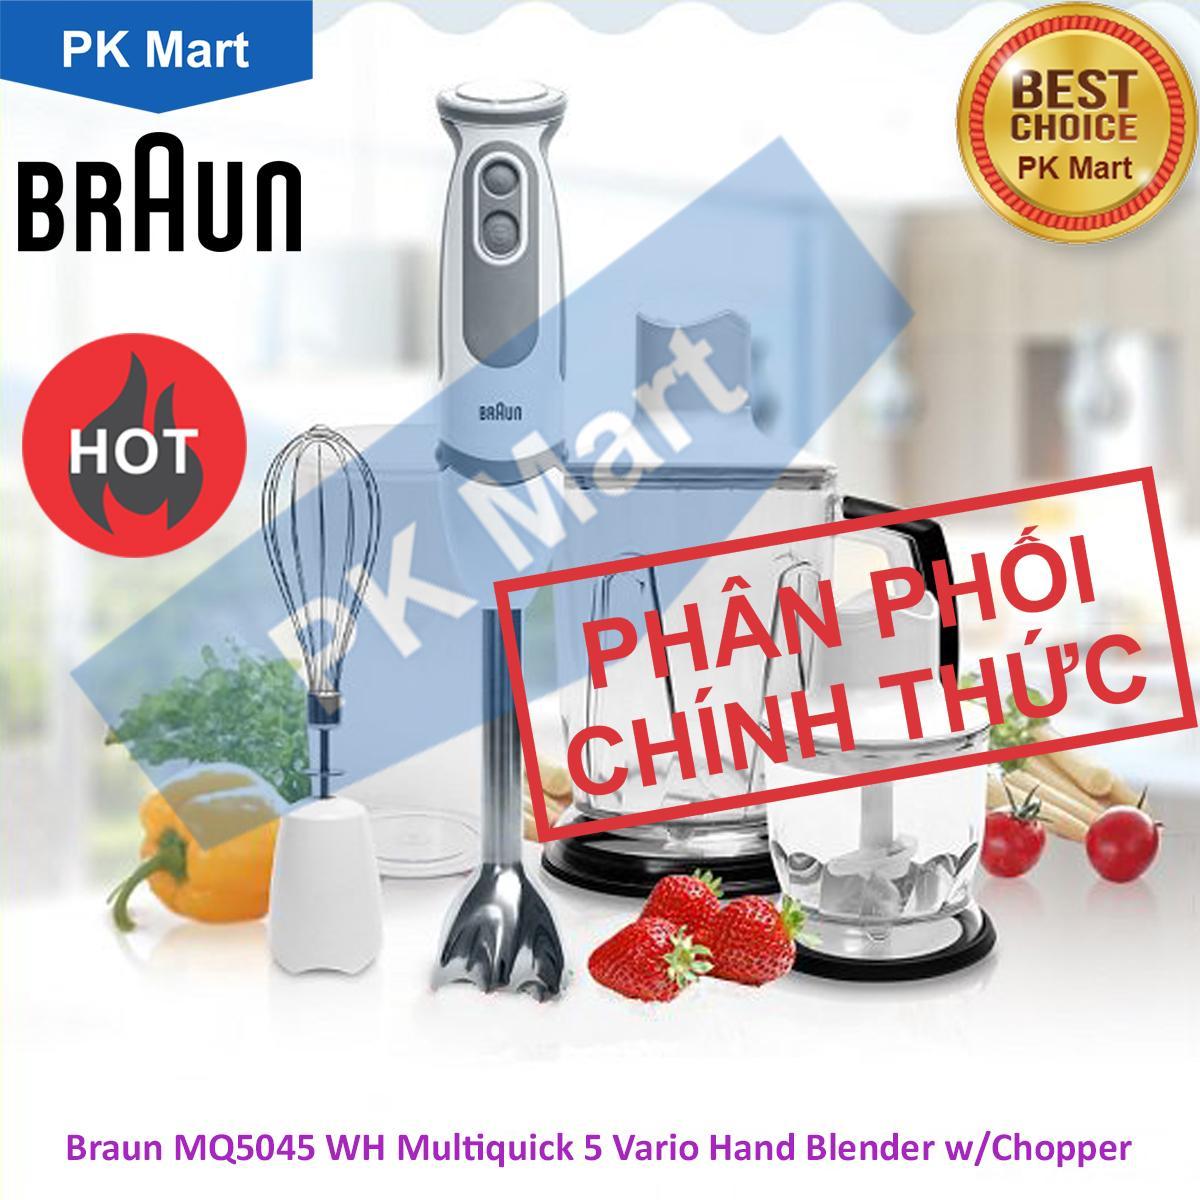 Máy xay sinh tố cầm tay cao cấp Braun MQ5045 (Trắng) - Hàng chính hãng (Bảo hành 2 năm chính hãng Braun)